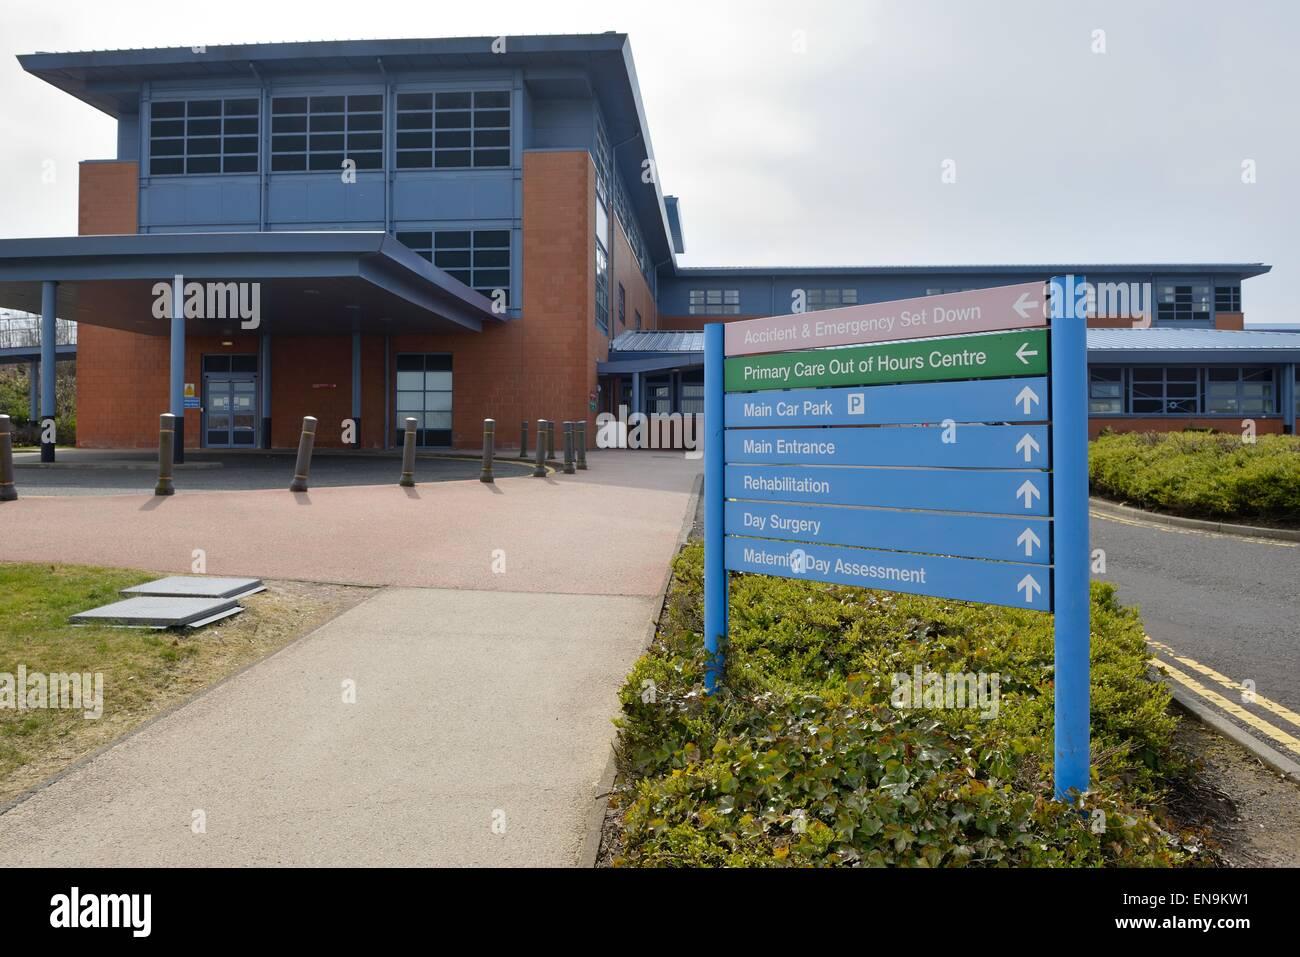 University Hospital Hairmyres, East Kilbride, South Lanarkshire, Scotland, UK - Stock Image